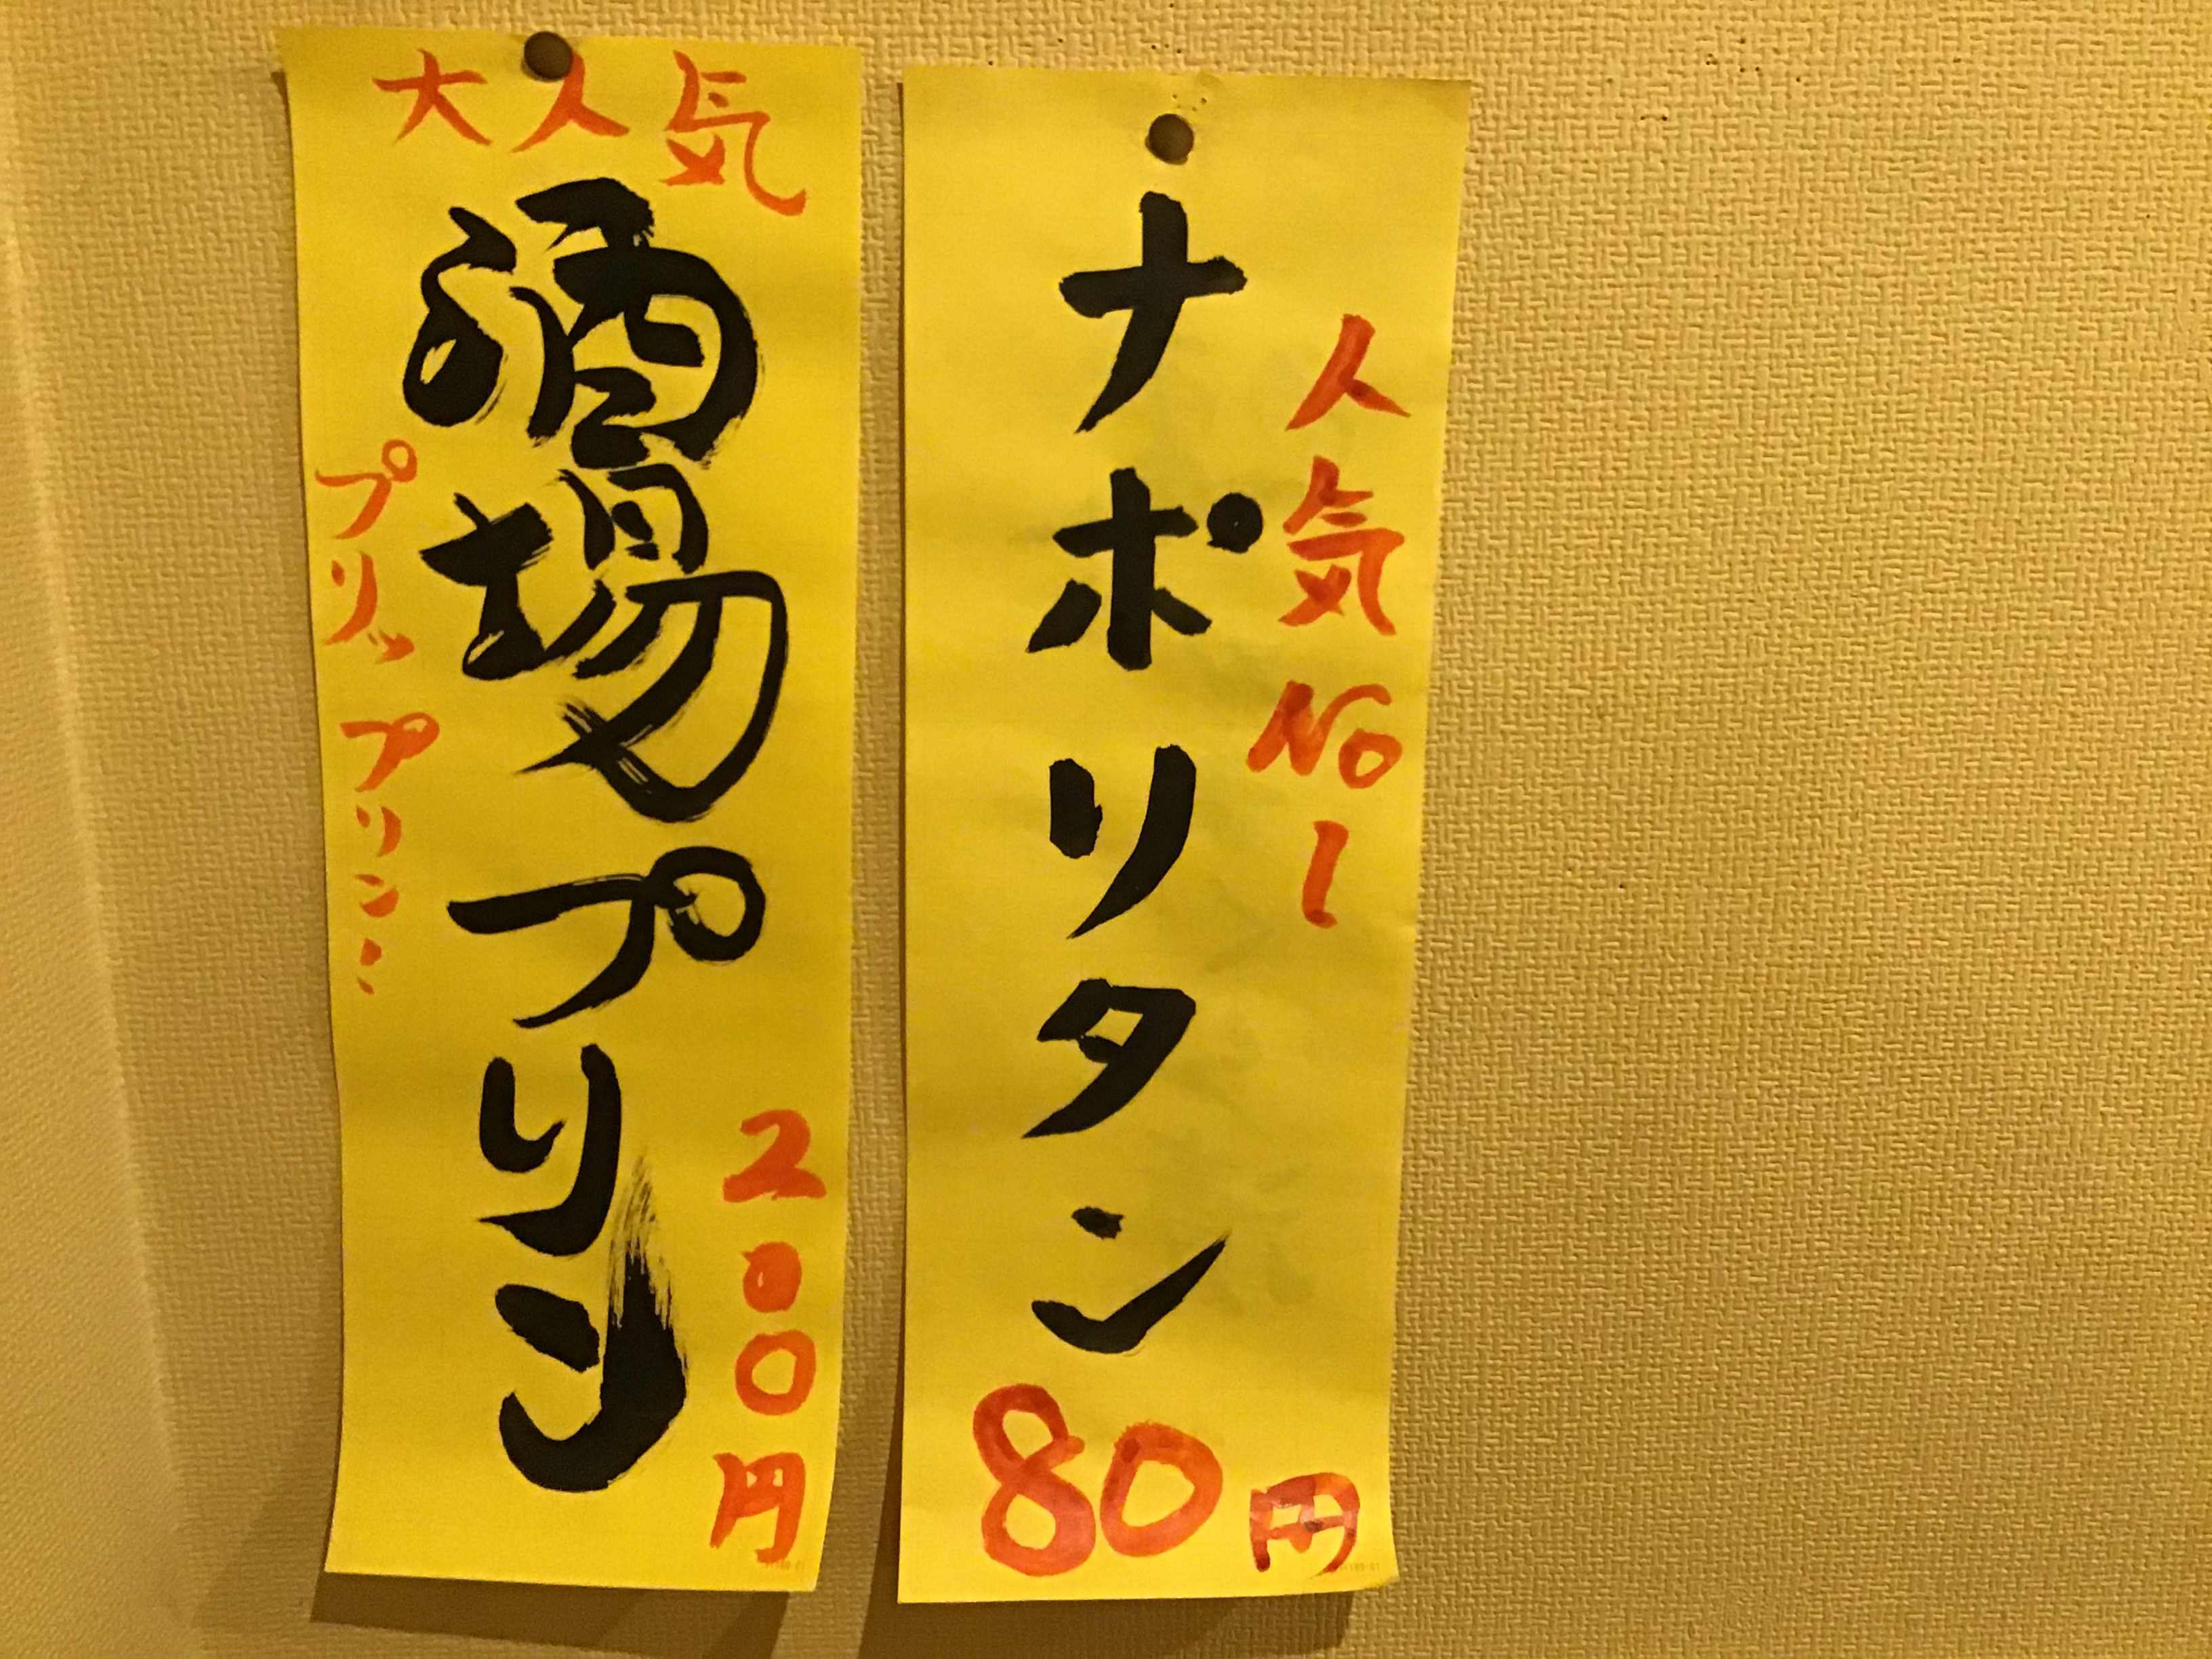 たぶん日本一最安値 ナポリタン80円の店に行ってみた。